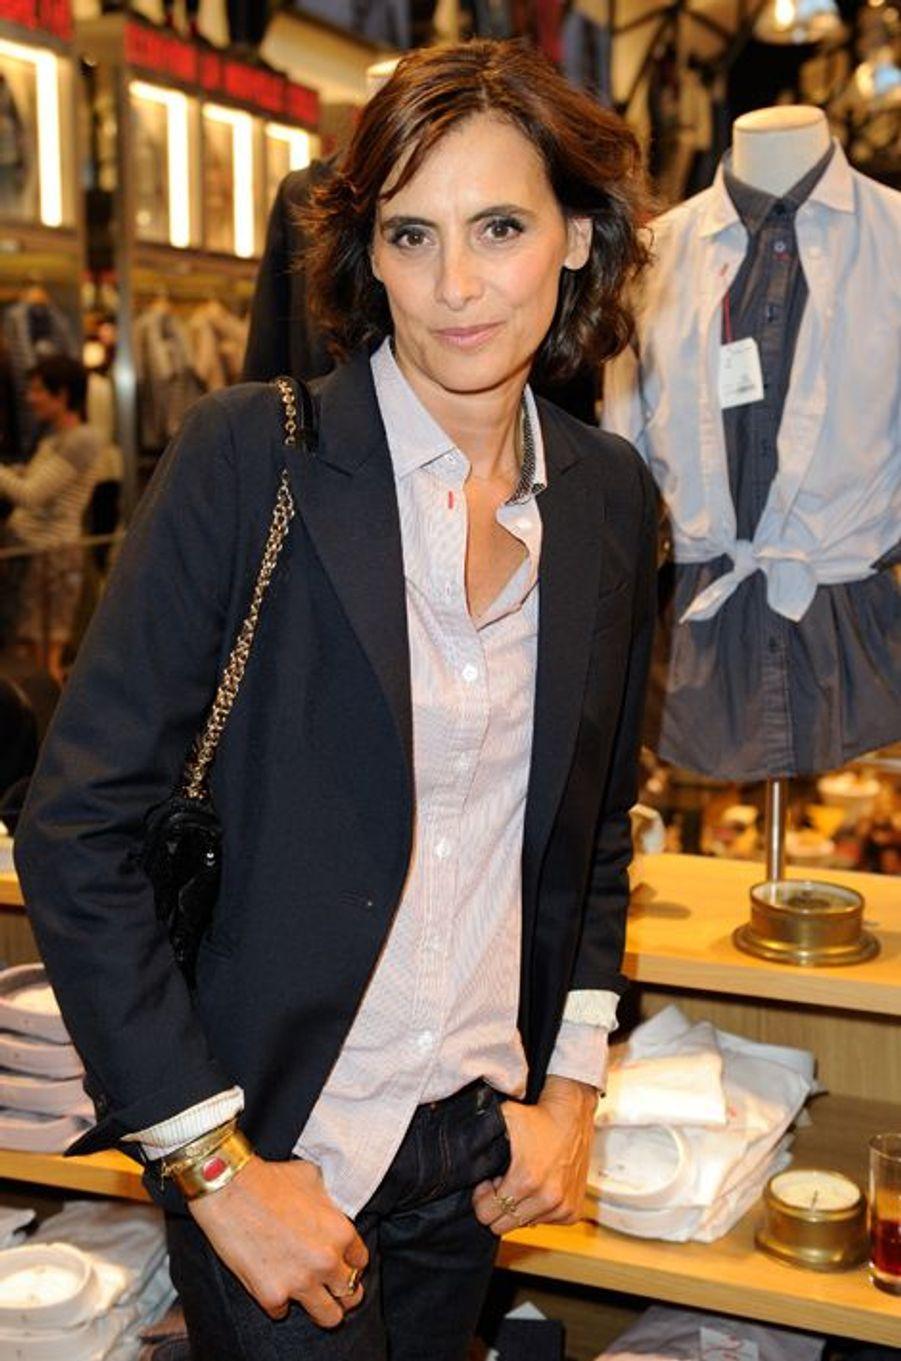 Inès de la Fressange lors du lancement de sa collection Uniqlo à Paris, le 3 septembre 2014.